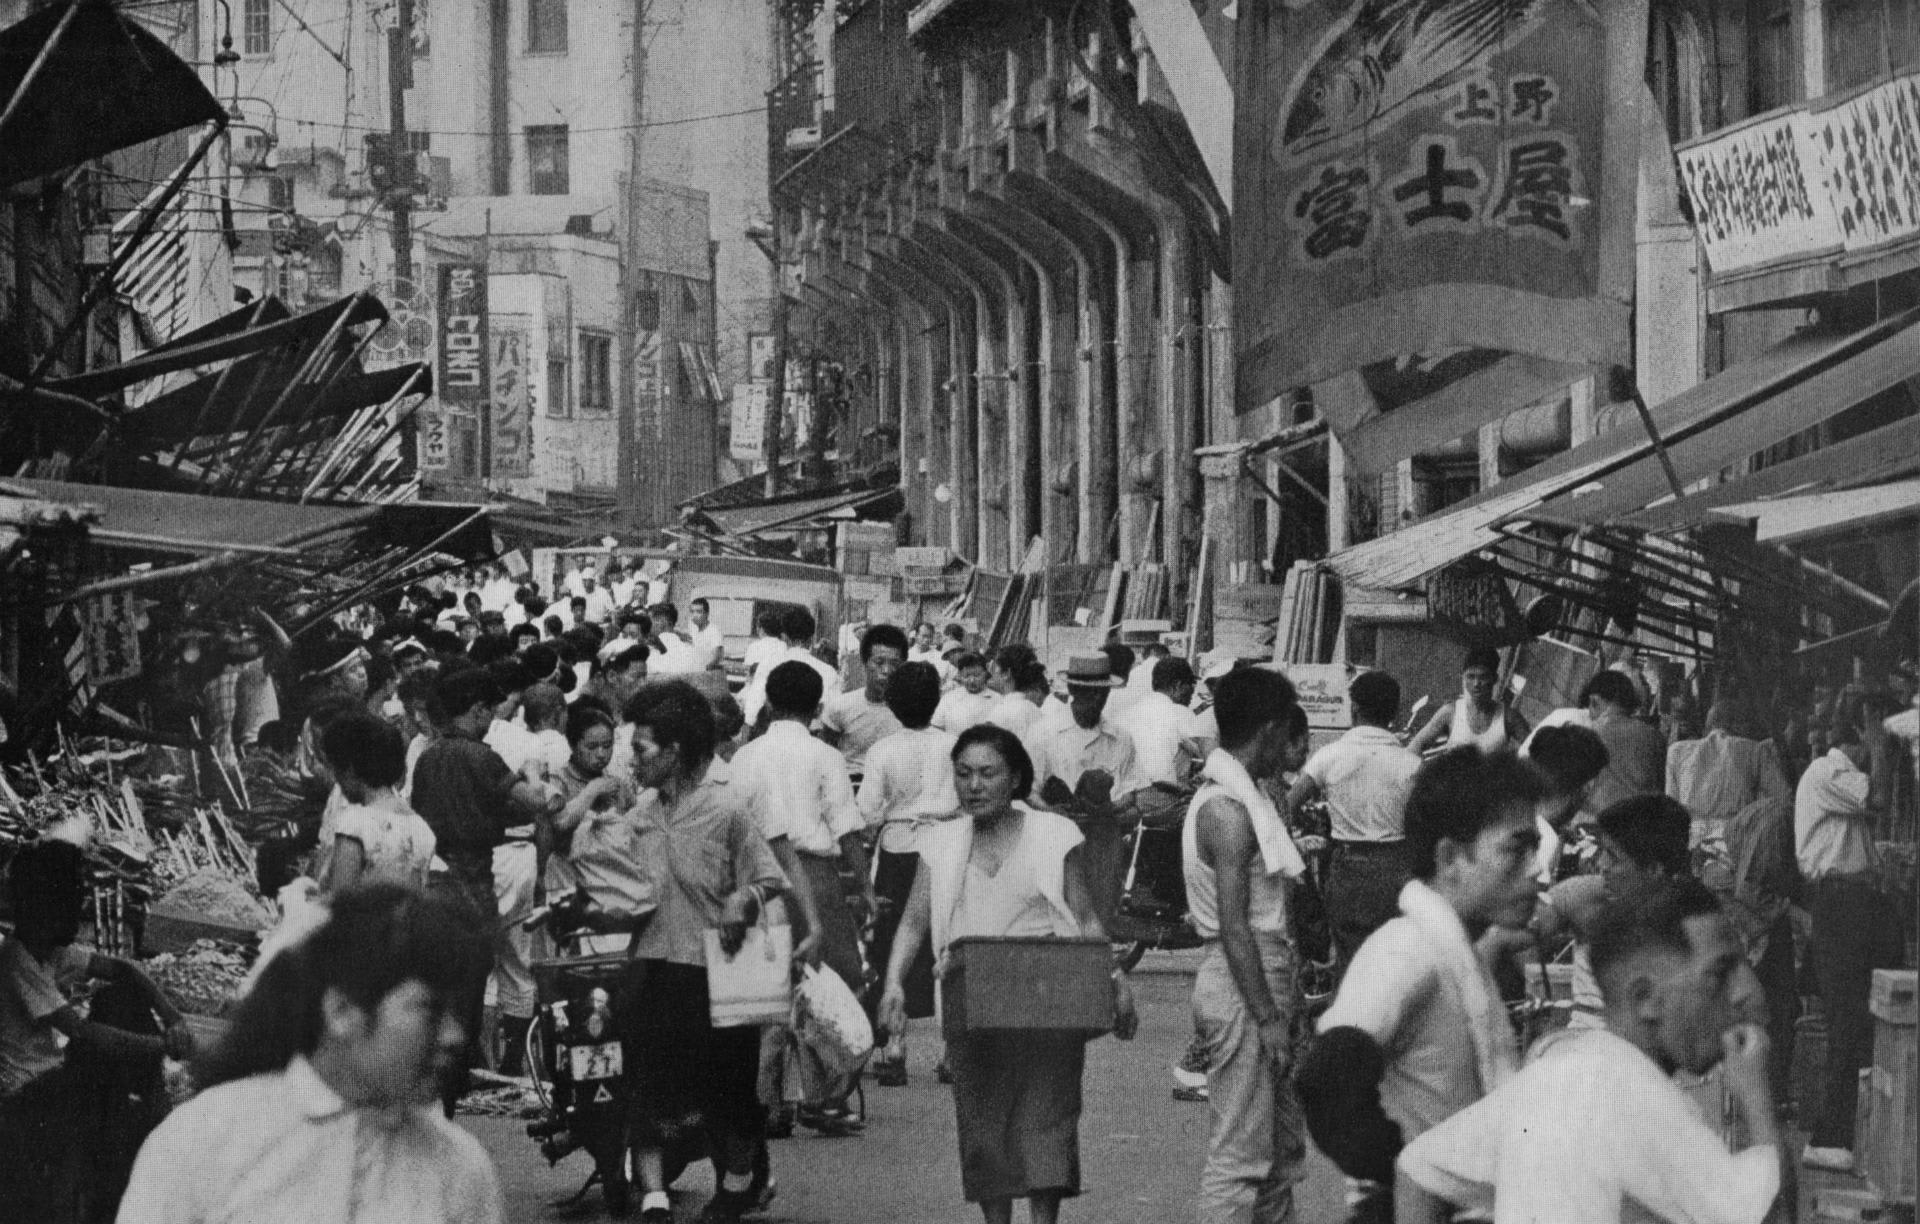 1950年代の東京のまち town and people of tokyo in 1950 s 山本